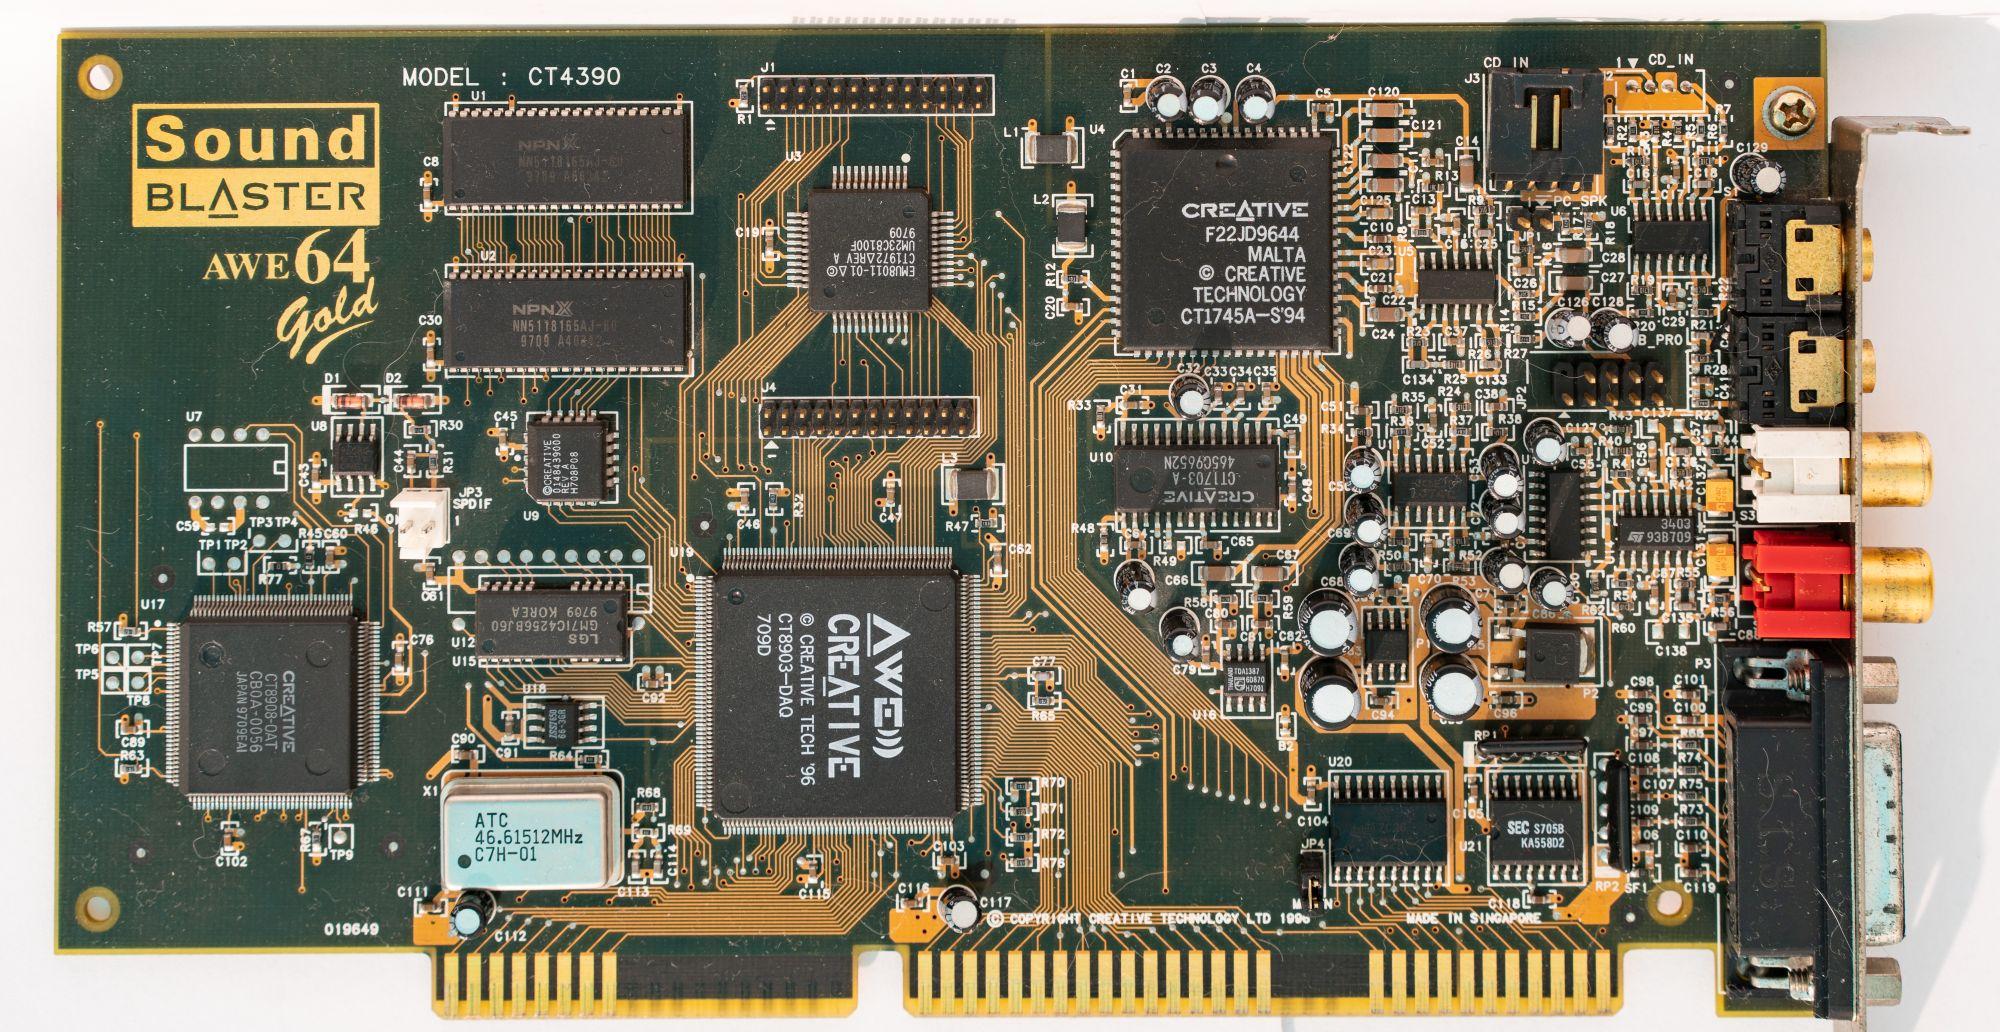 Древности: чем хуже, тем лучше или особенности Sound Blaster Pro 2 - 2